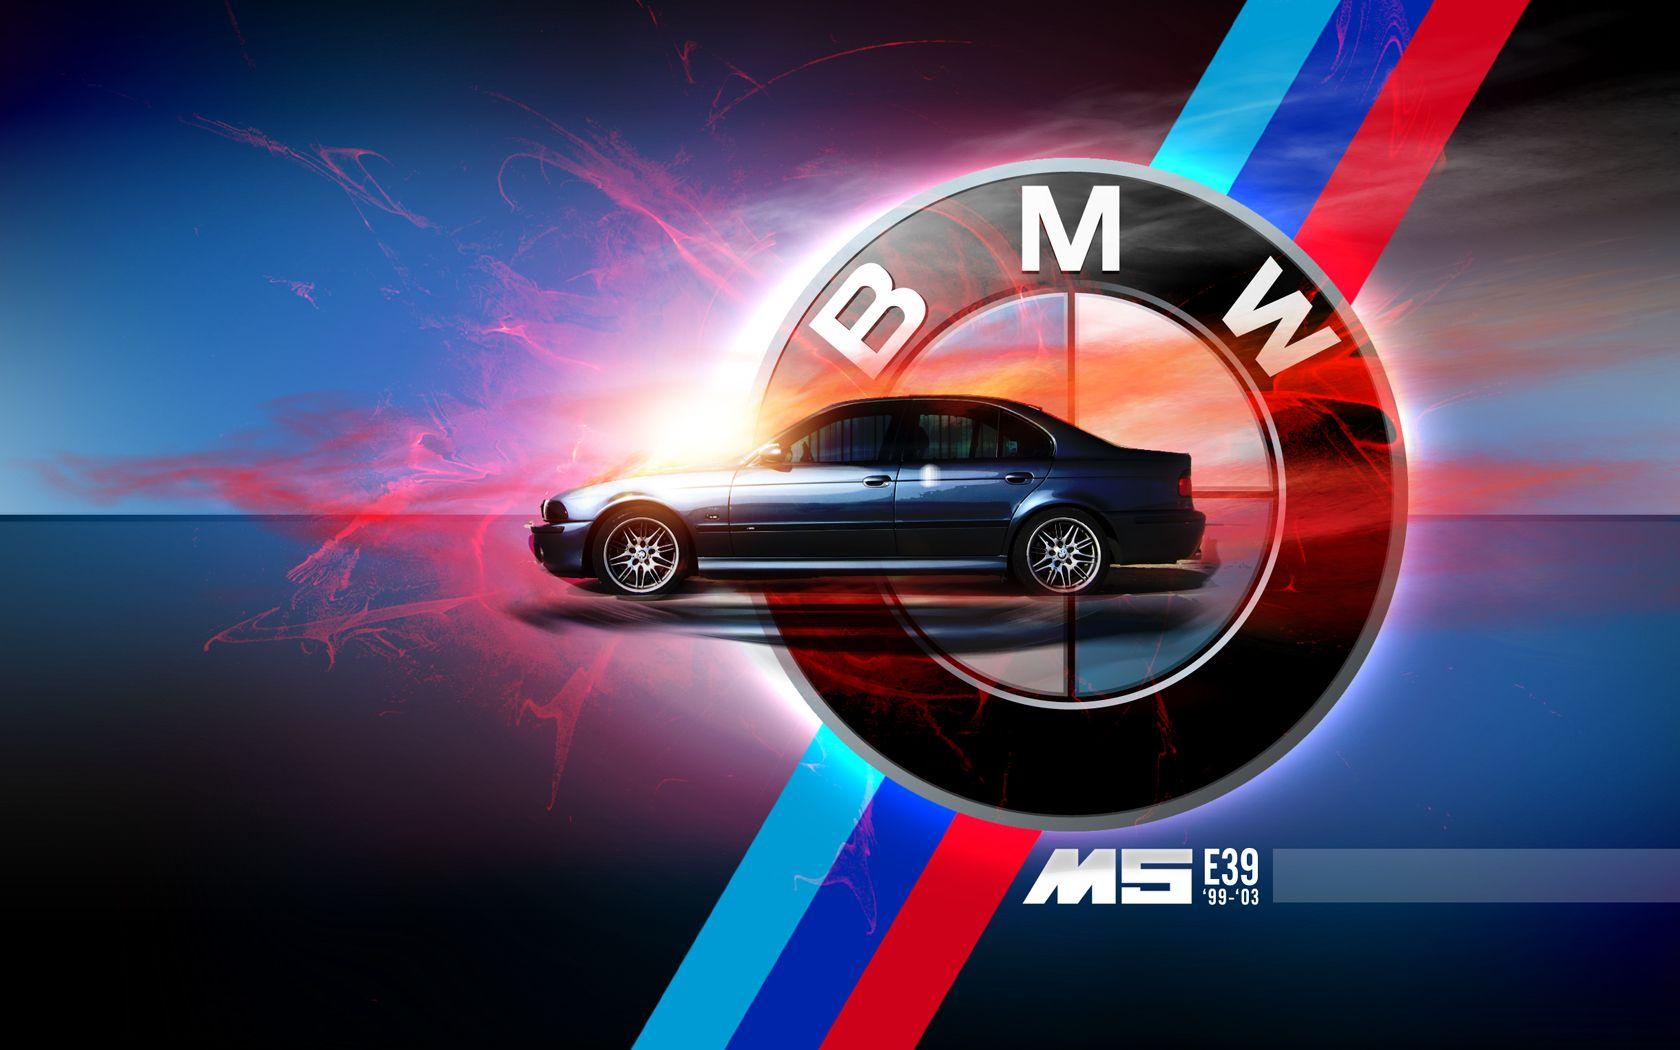 BMW M5 E39 Wallpaper Desktop Wallpaper